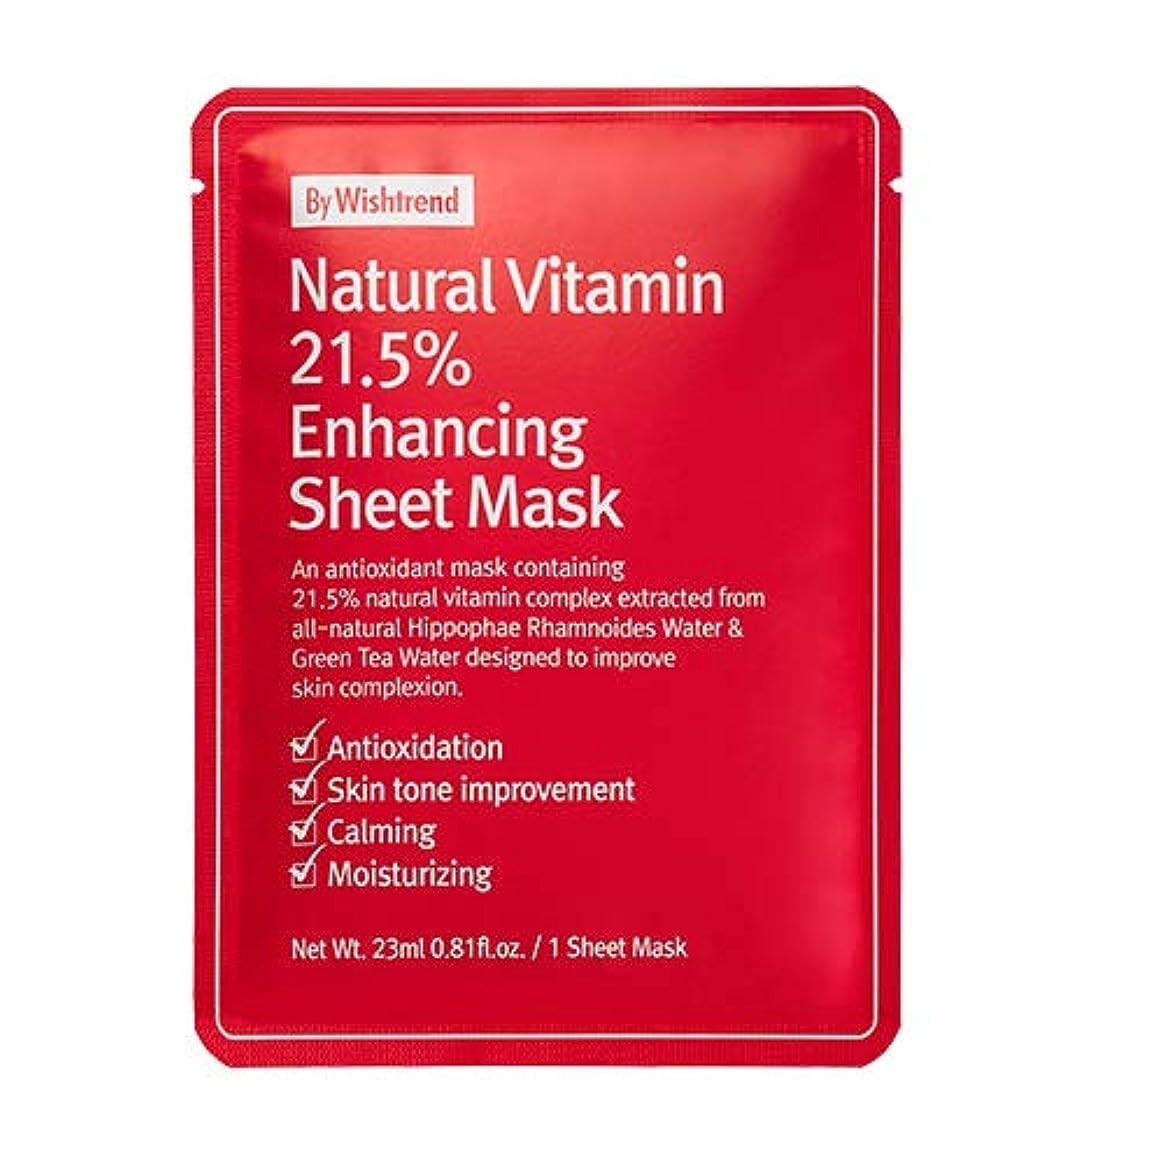 反射言い換えると筋[BY WISHTREND] ナチュラルビタミン21.5エンハンシング シートマスク 10シート, Natural Vitamin 21.5 Enhancing Mask 10 sheets [並行輸入品]